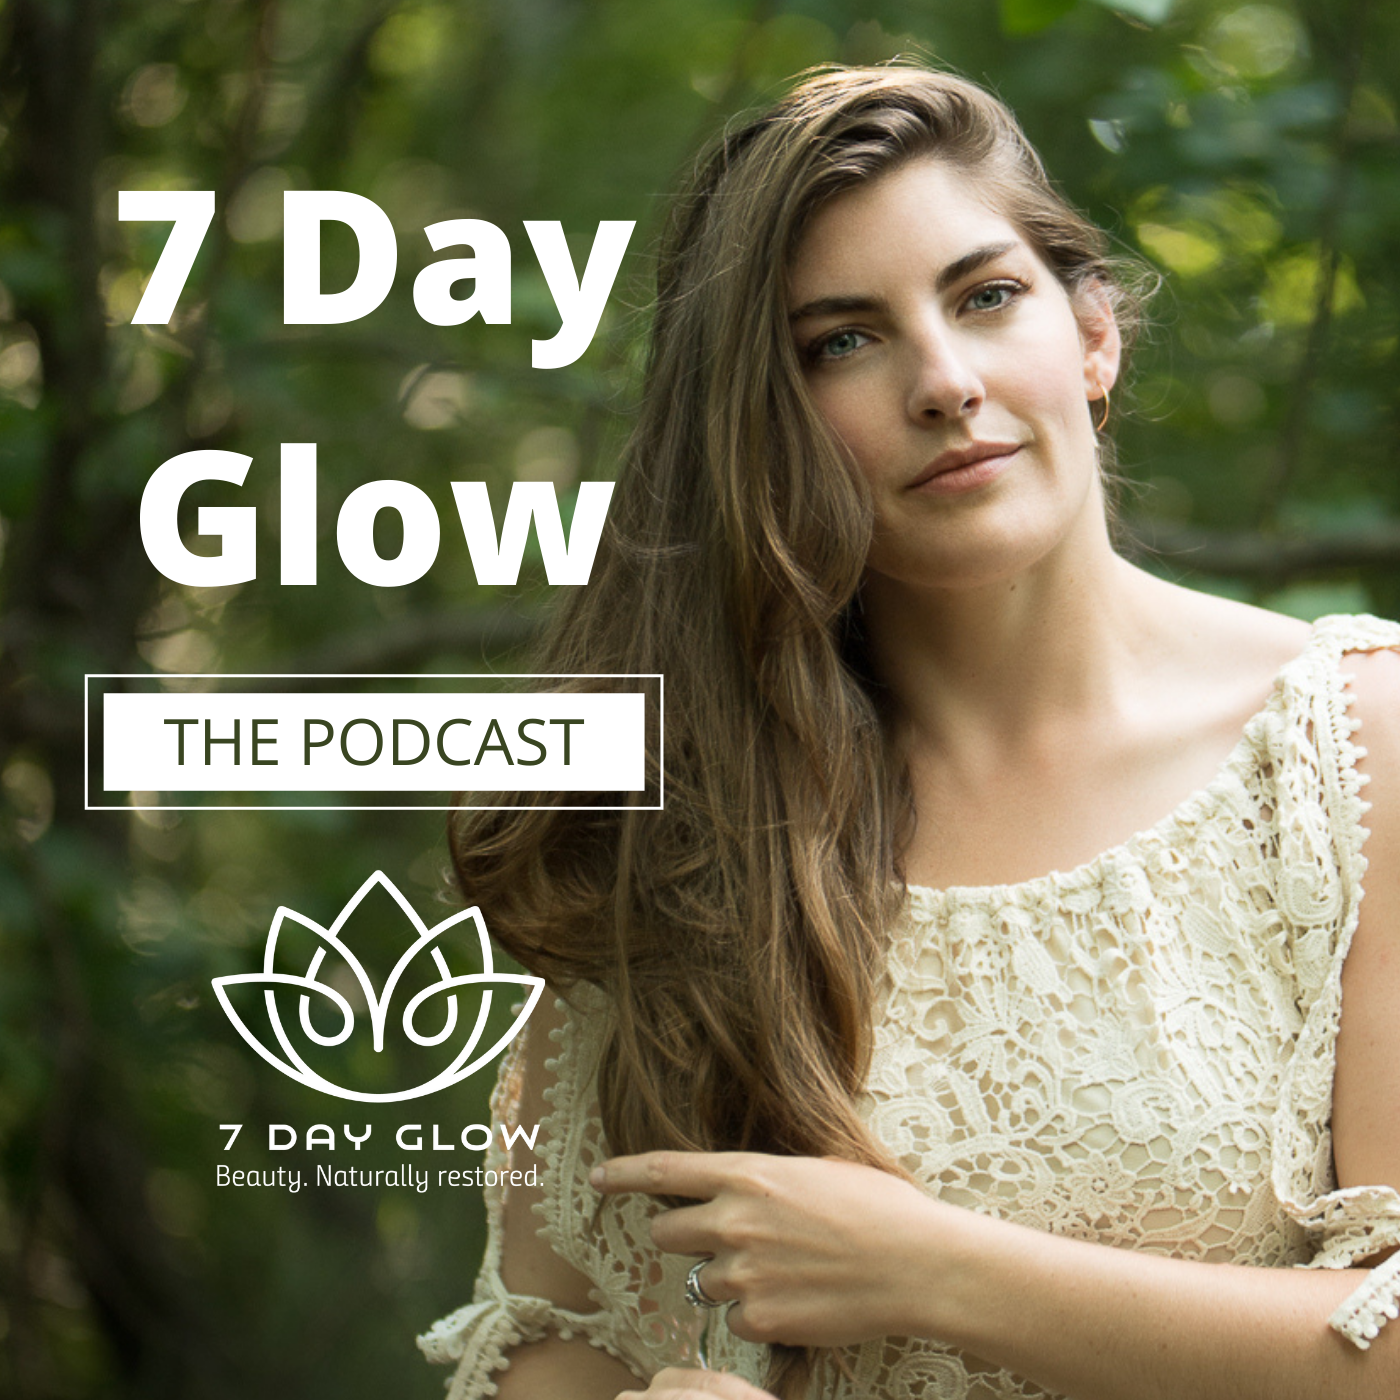 7 Day Glow Podcast show art